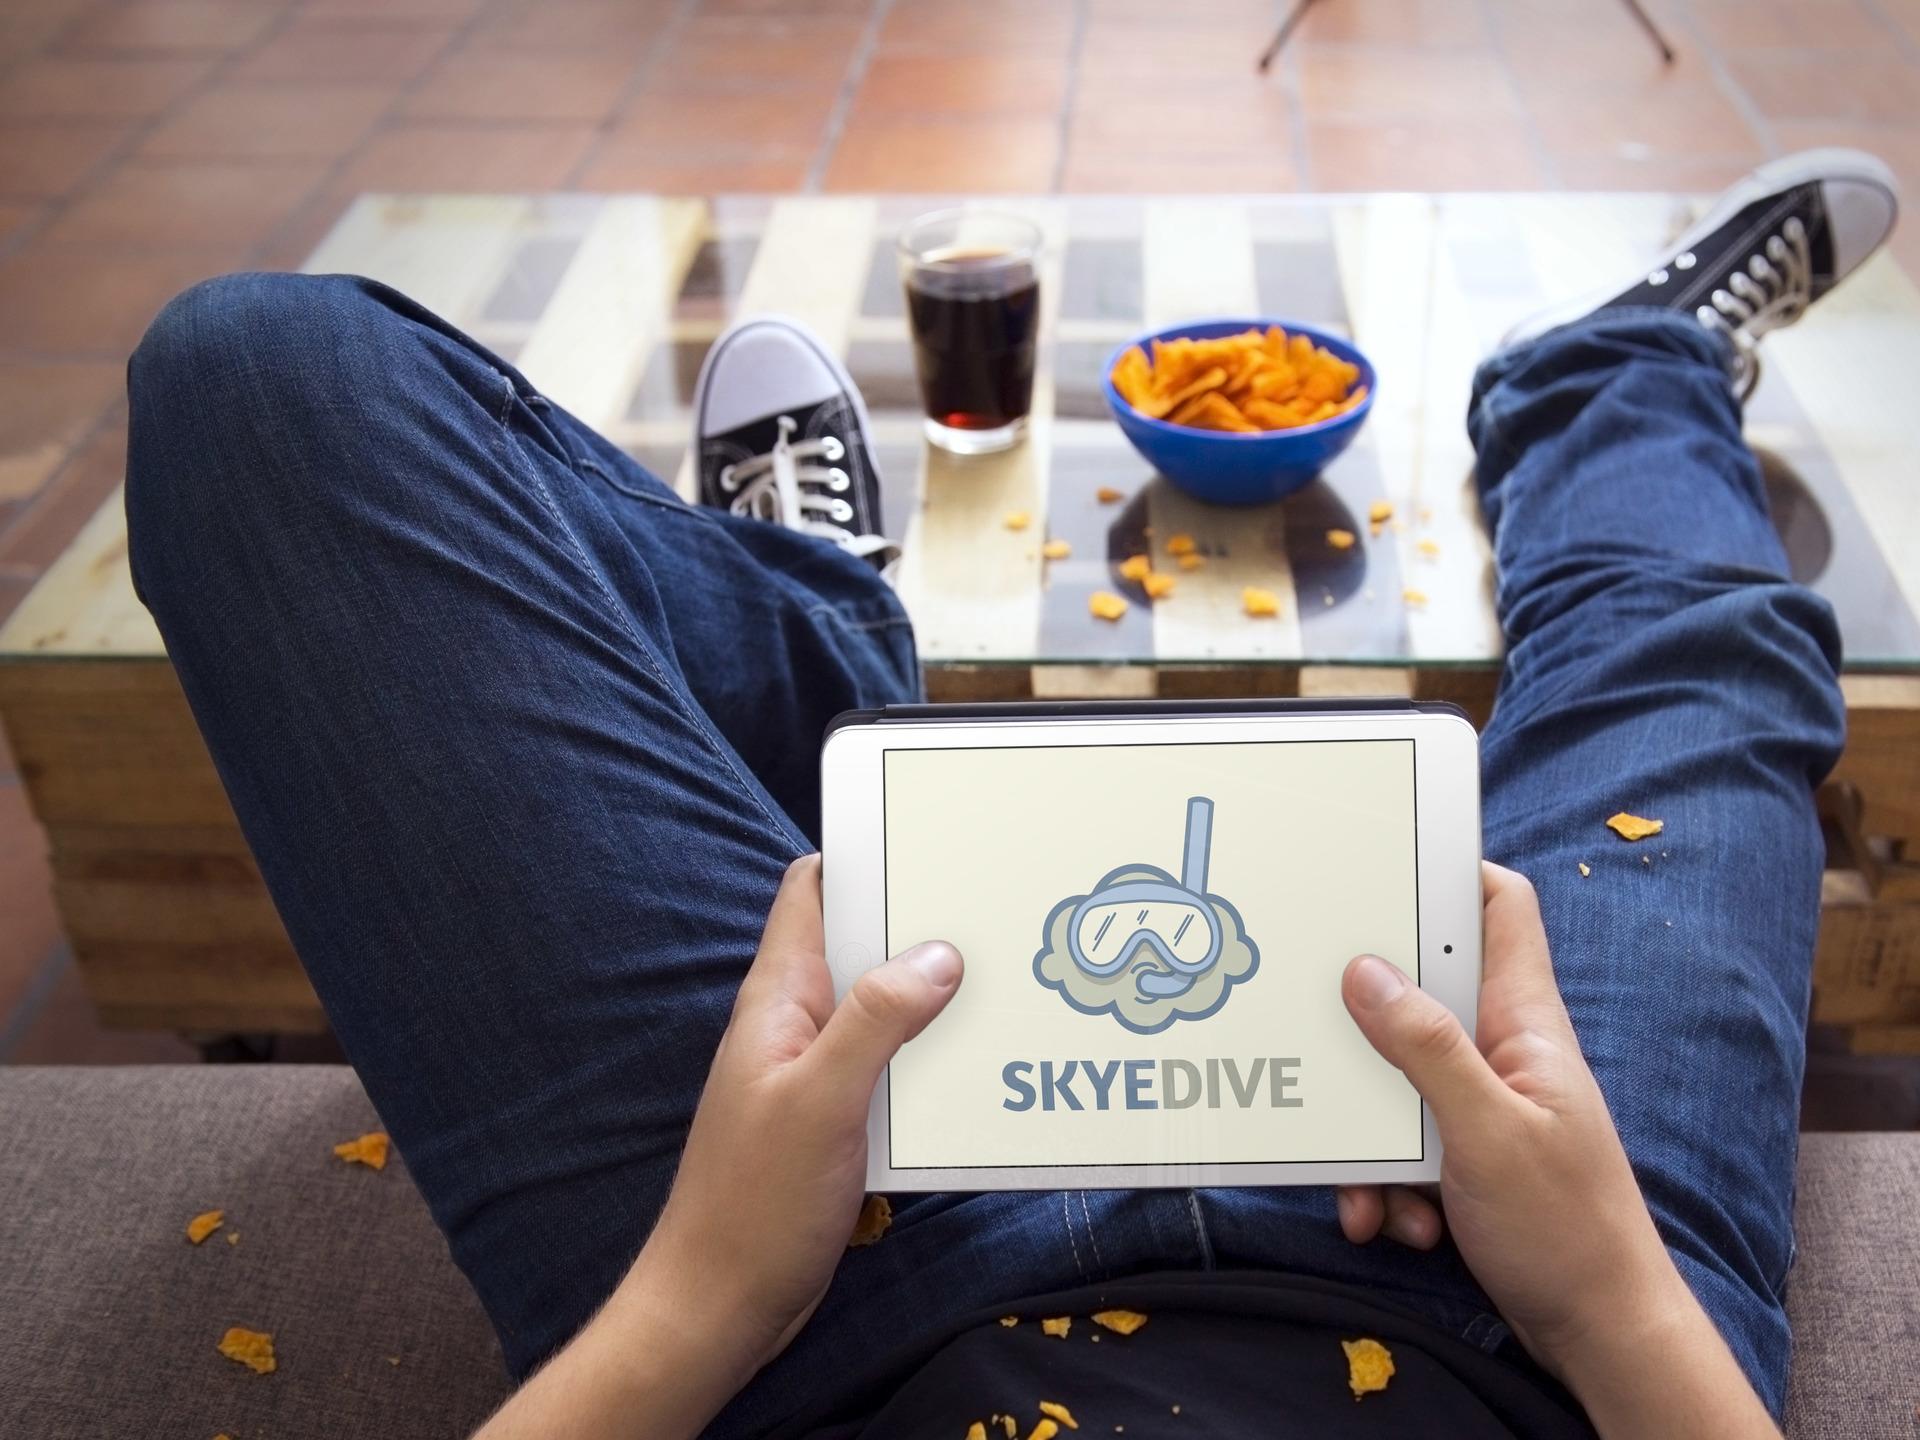 Skyedive_iPad_